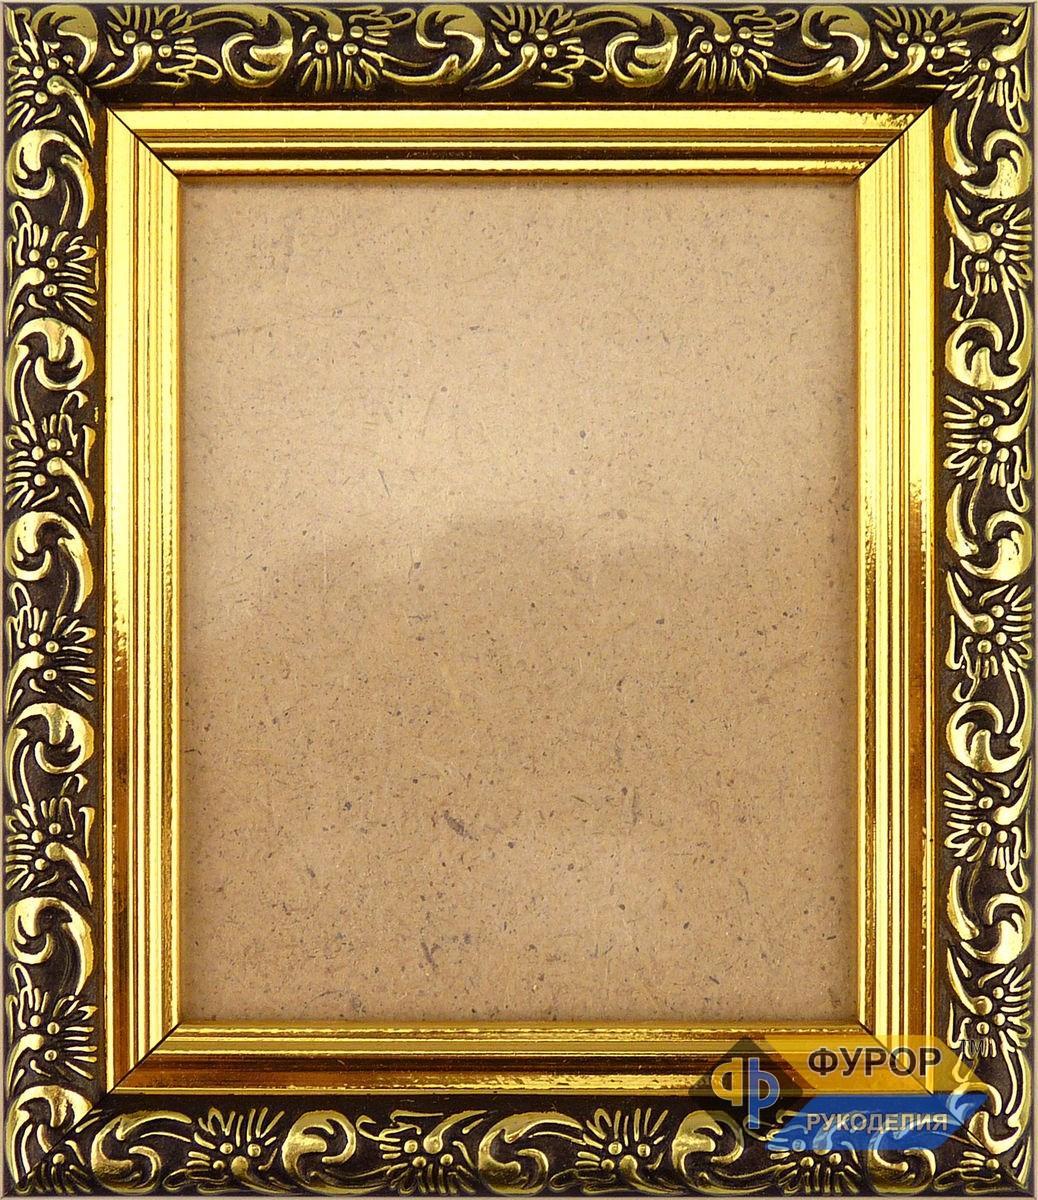 Рамка А6 (8х10 см) для вишитих картин і ікон ТМ Фурор Рукоділля (ФР-А6-2020)